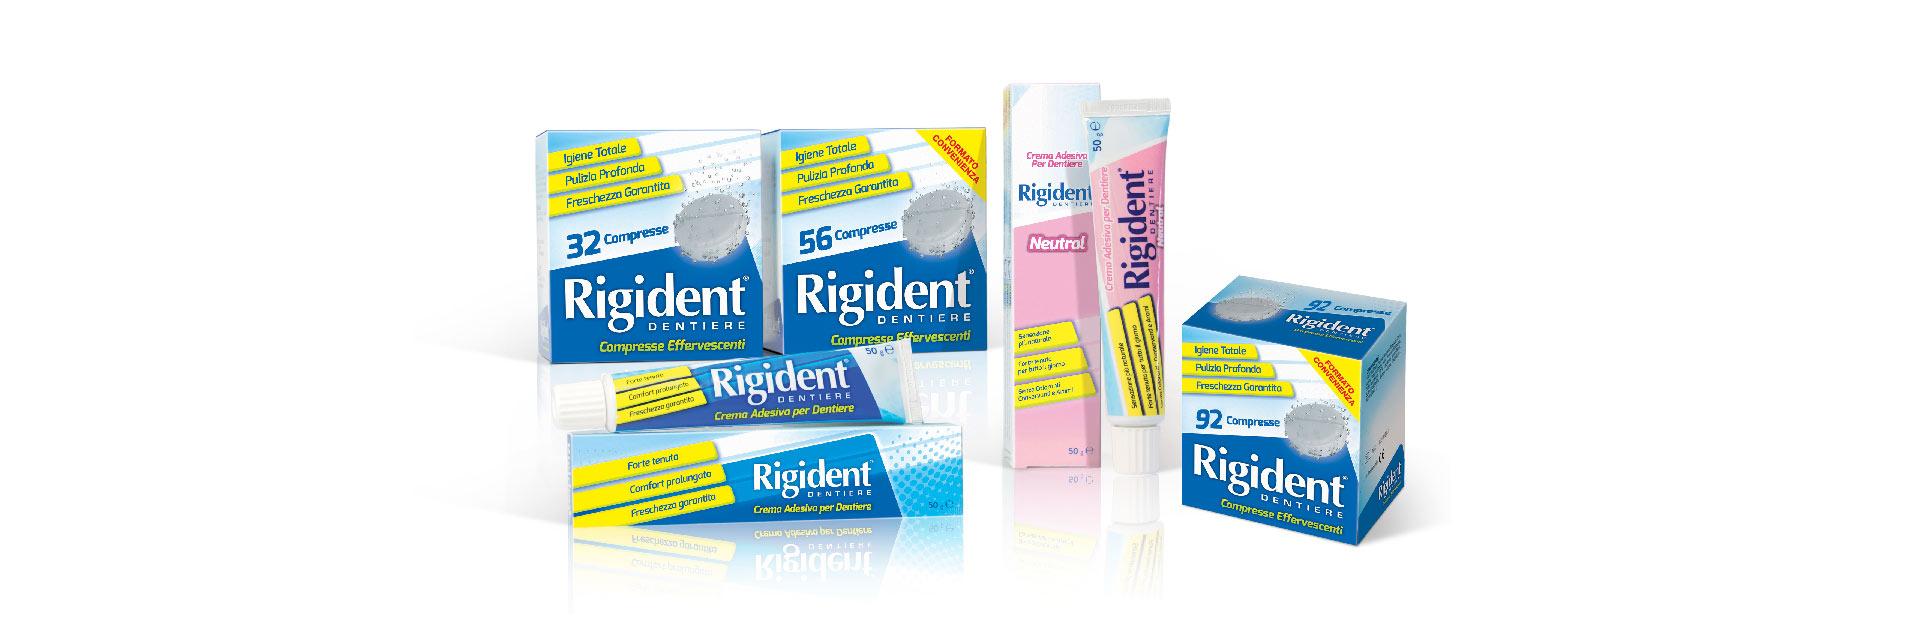 Rigident®: la linea dei prodotti.